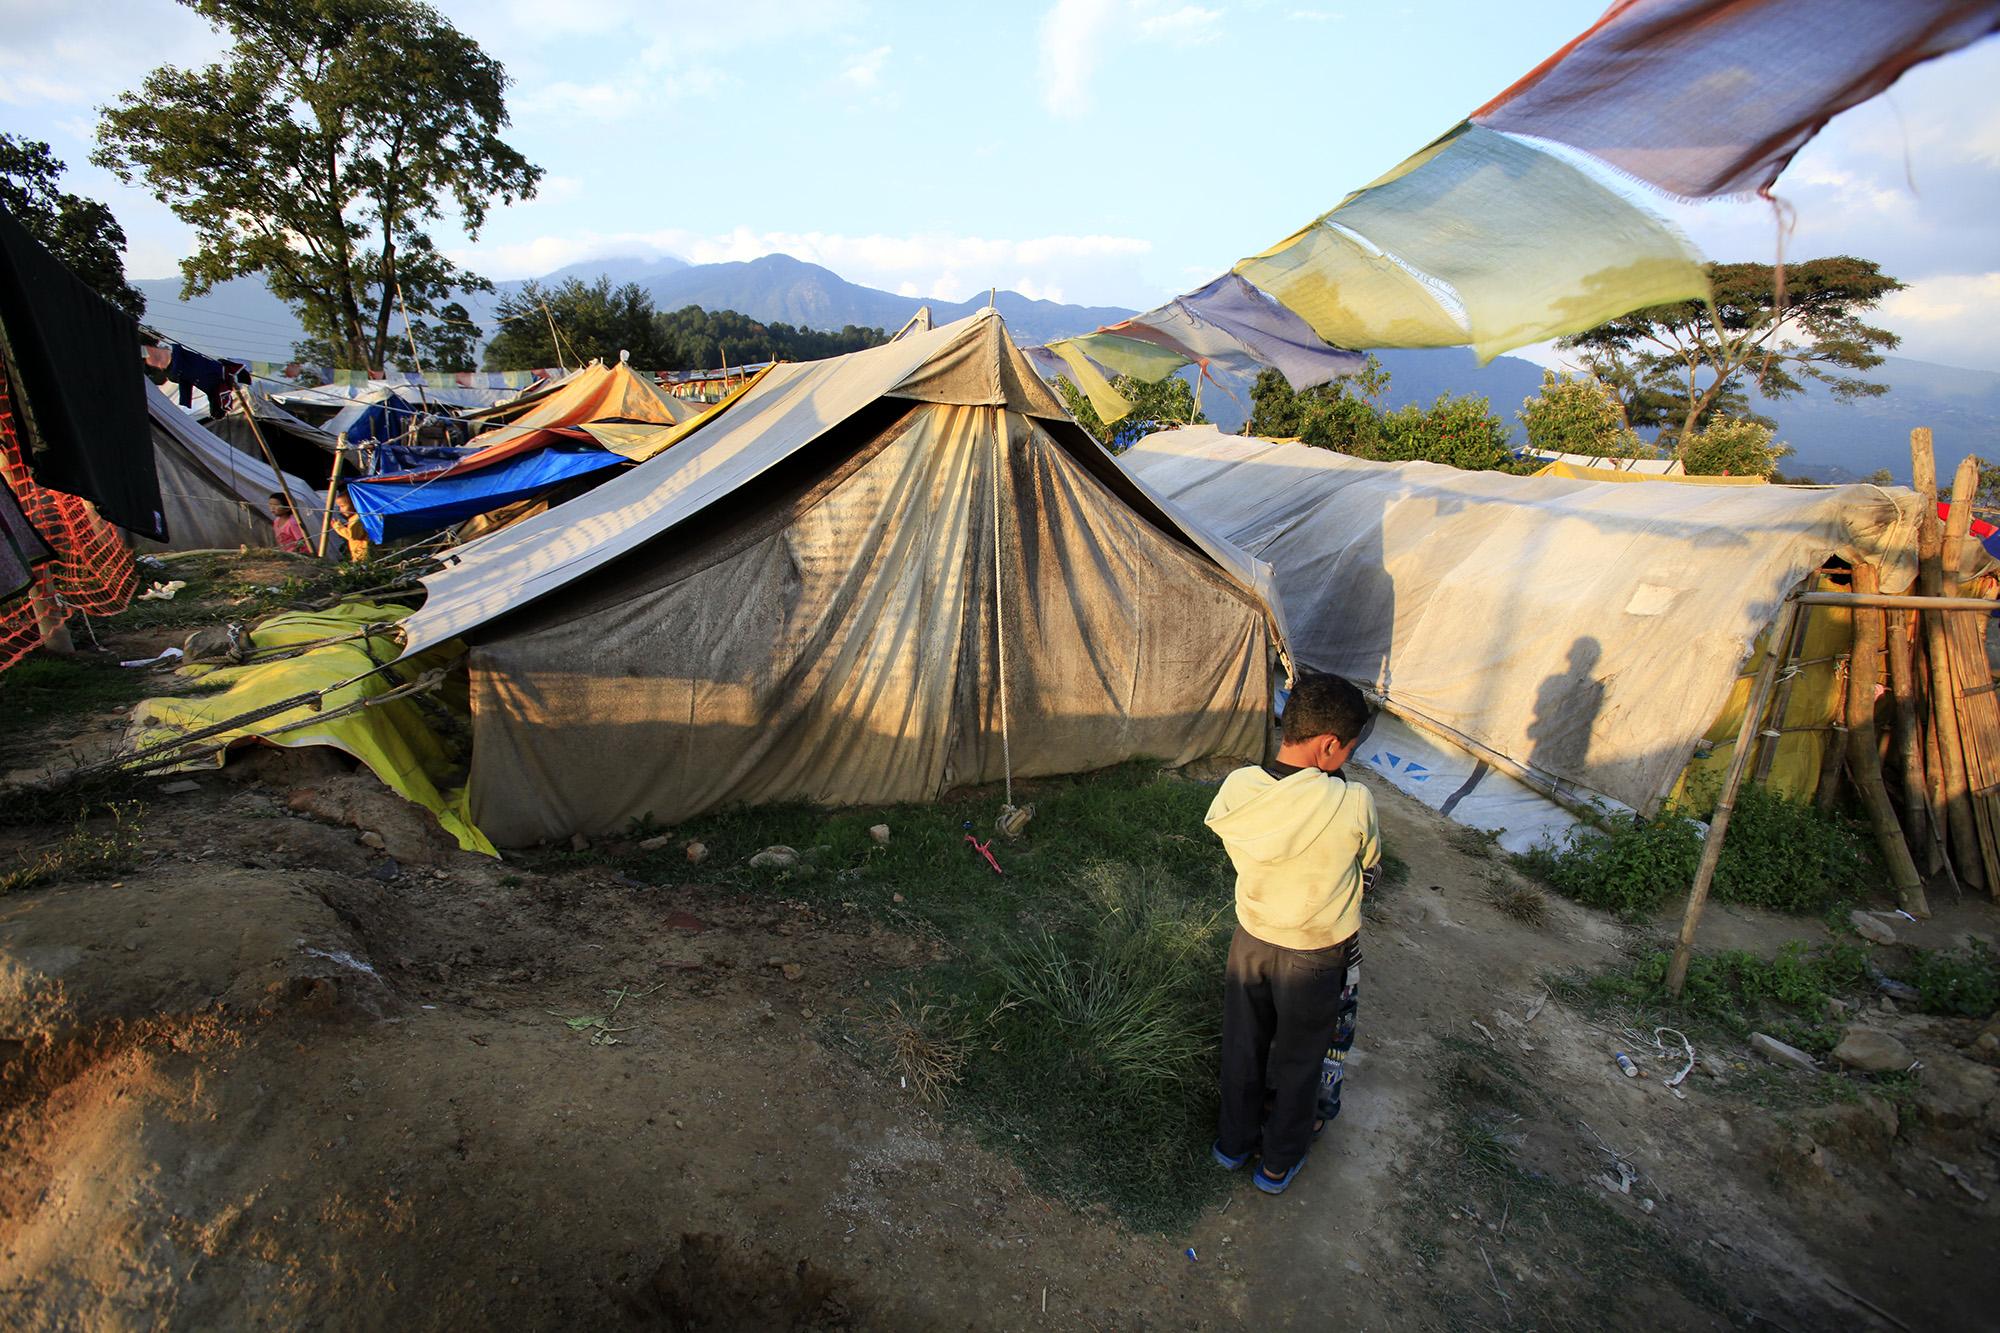 Reportage | Losan Piatti - Fotografo Italia_Nepal 2015_Terremoto Campo